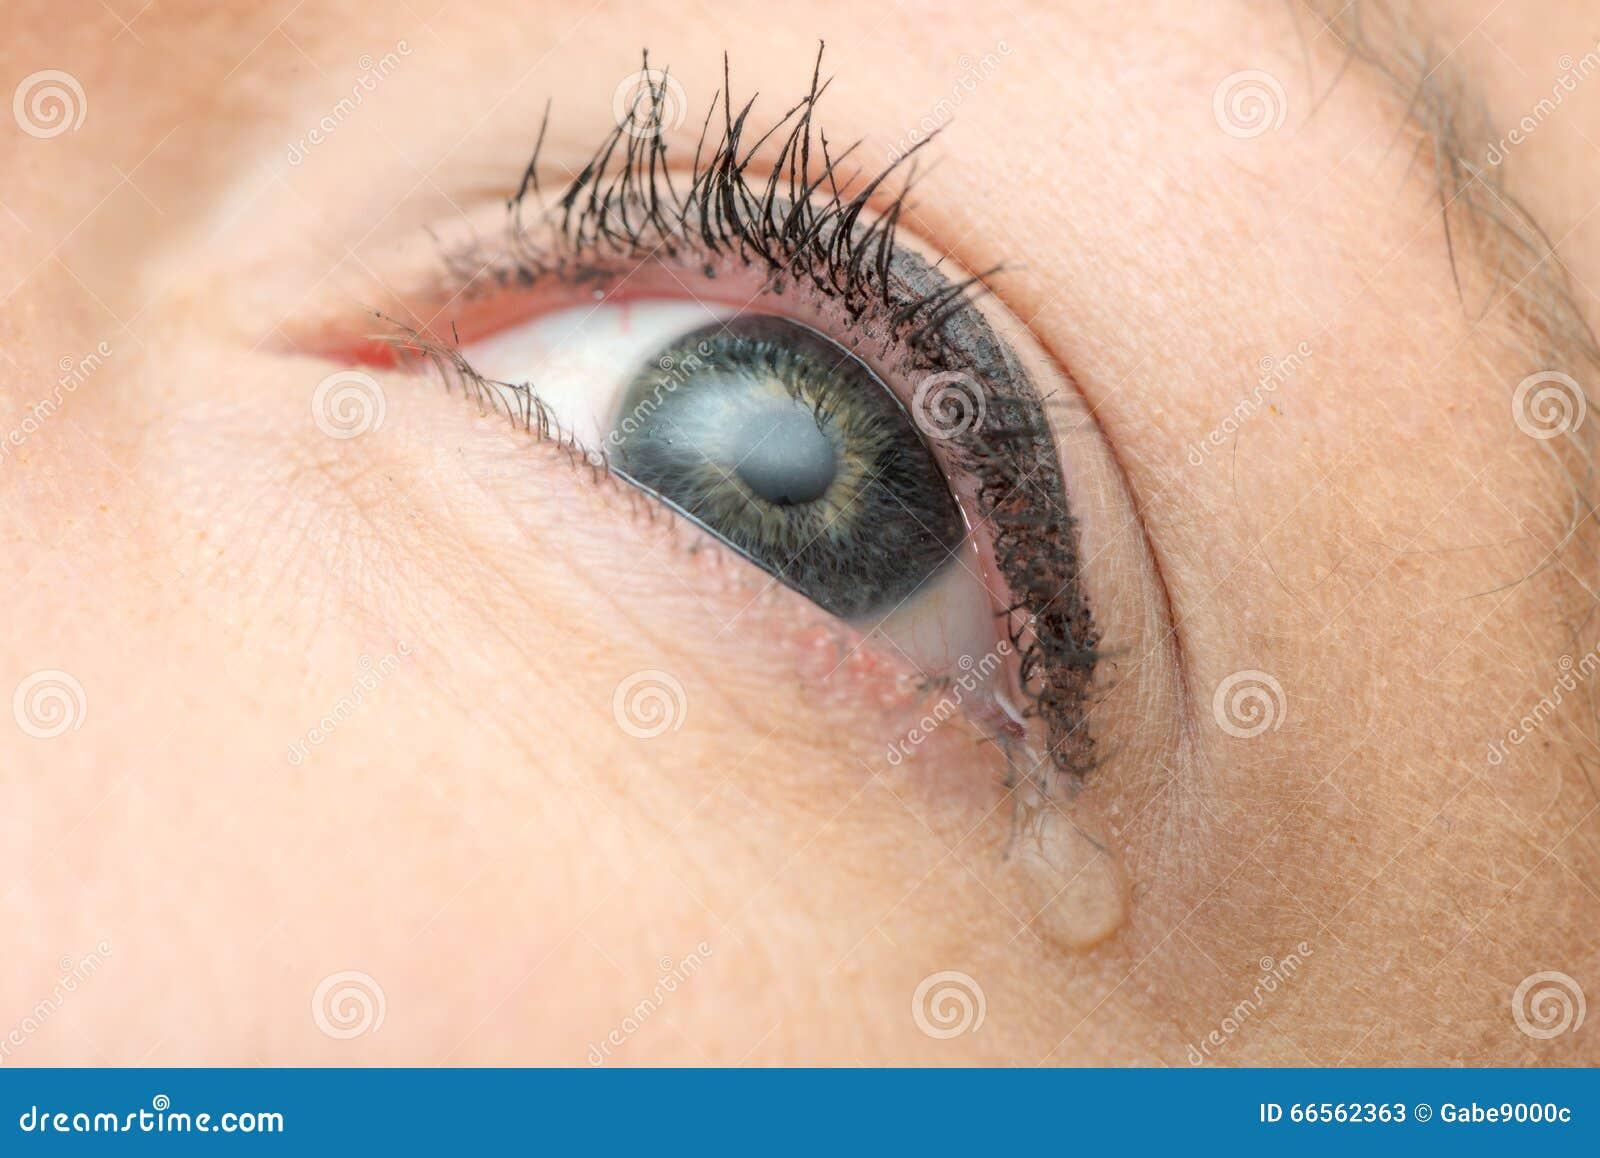 Femme En Larme larme de l'oeil de la femme image stock - image du regard, femme